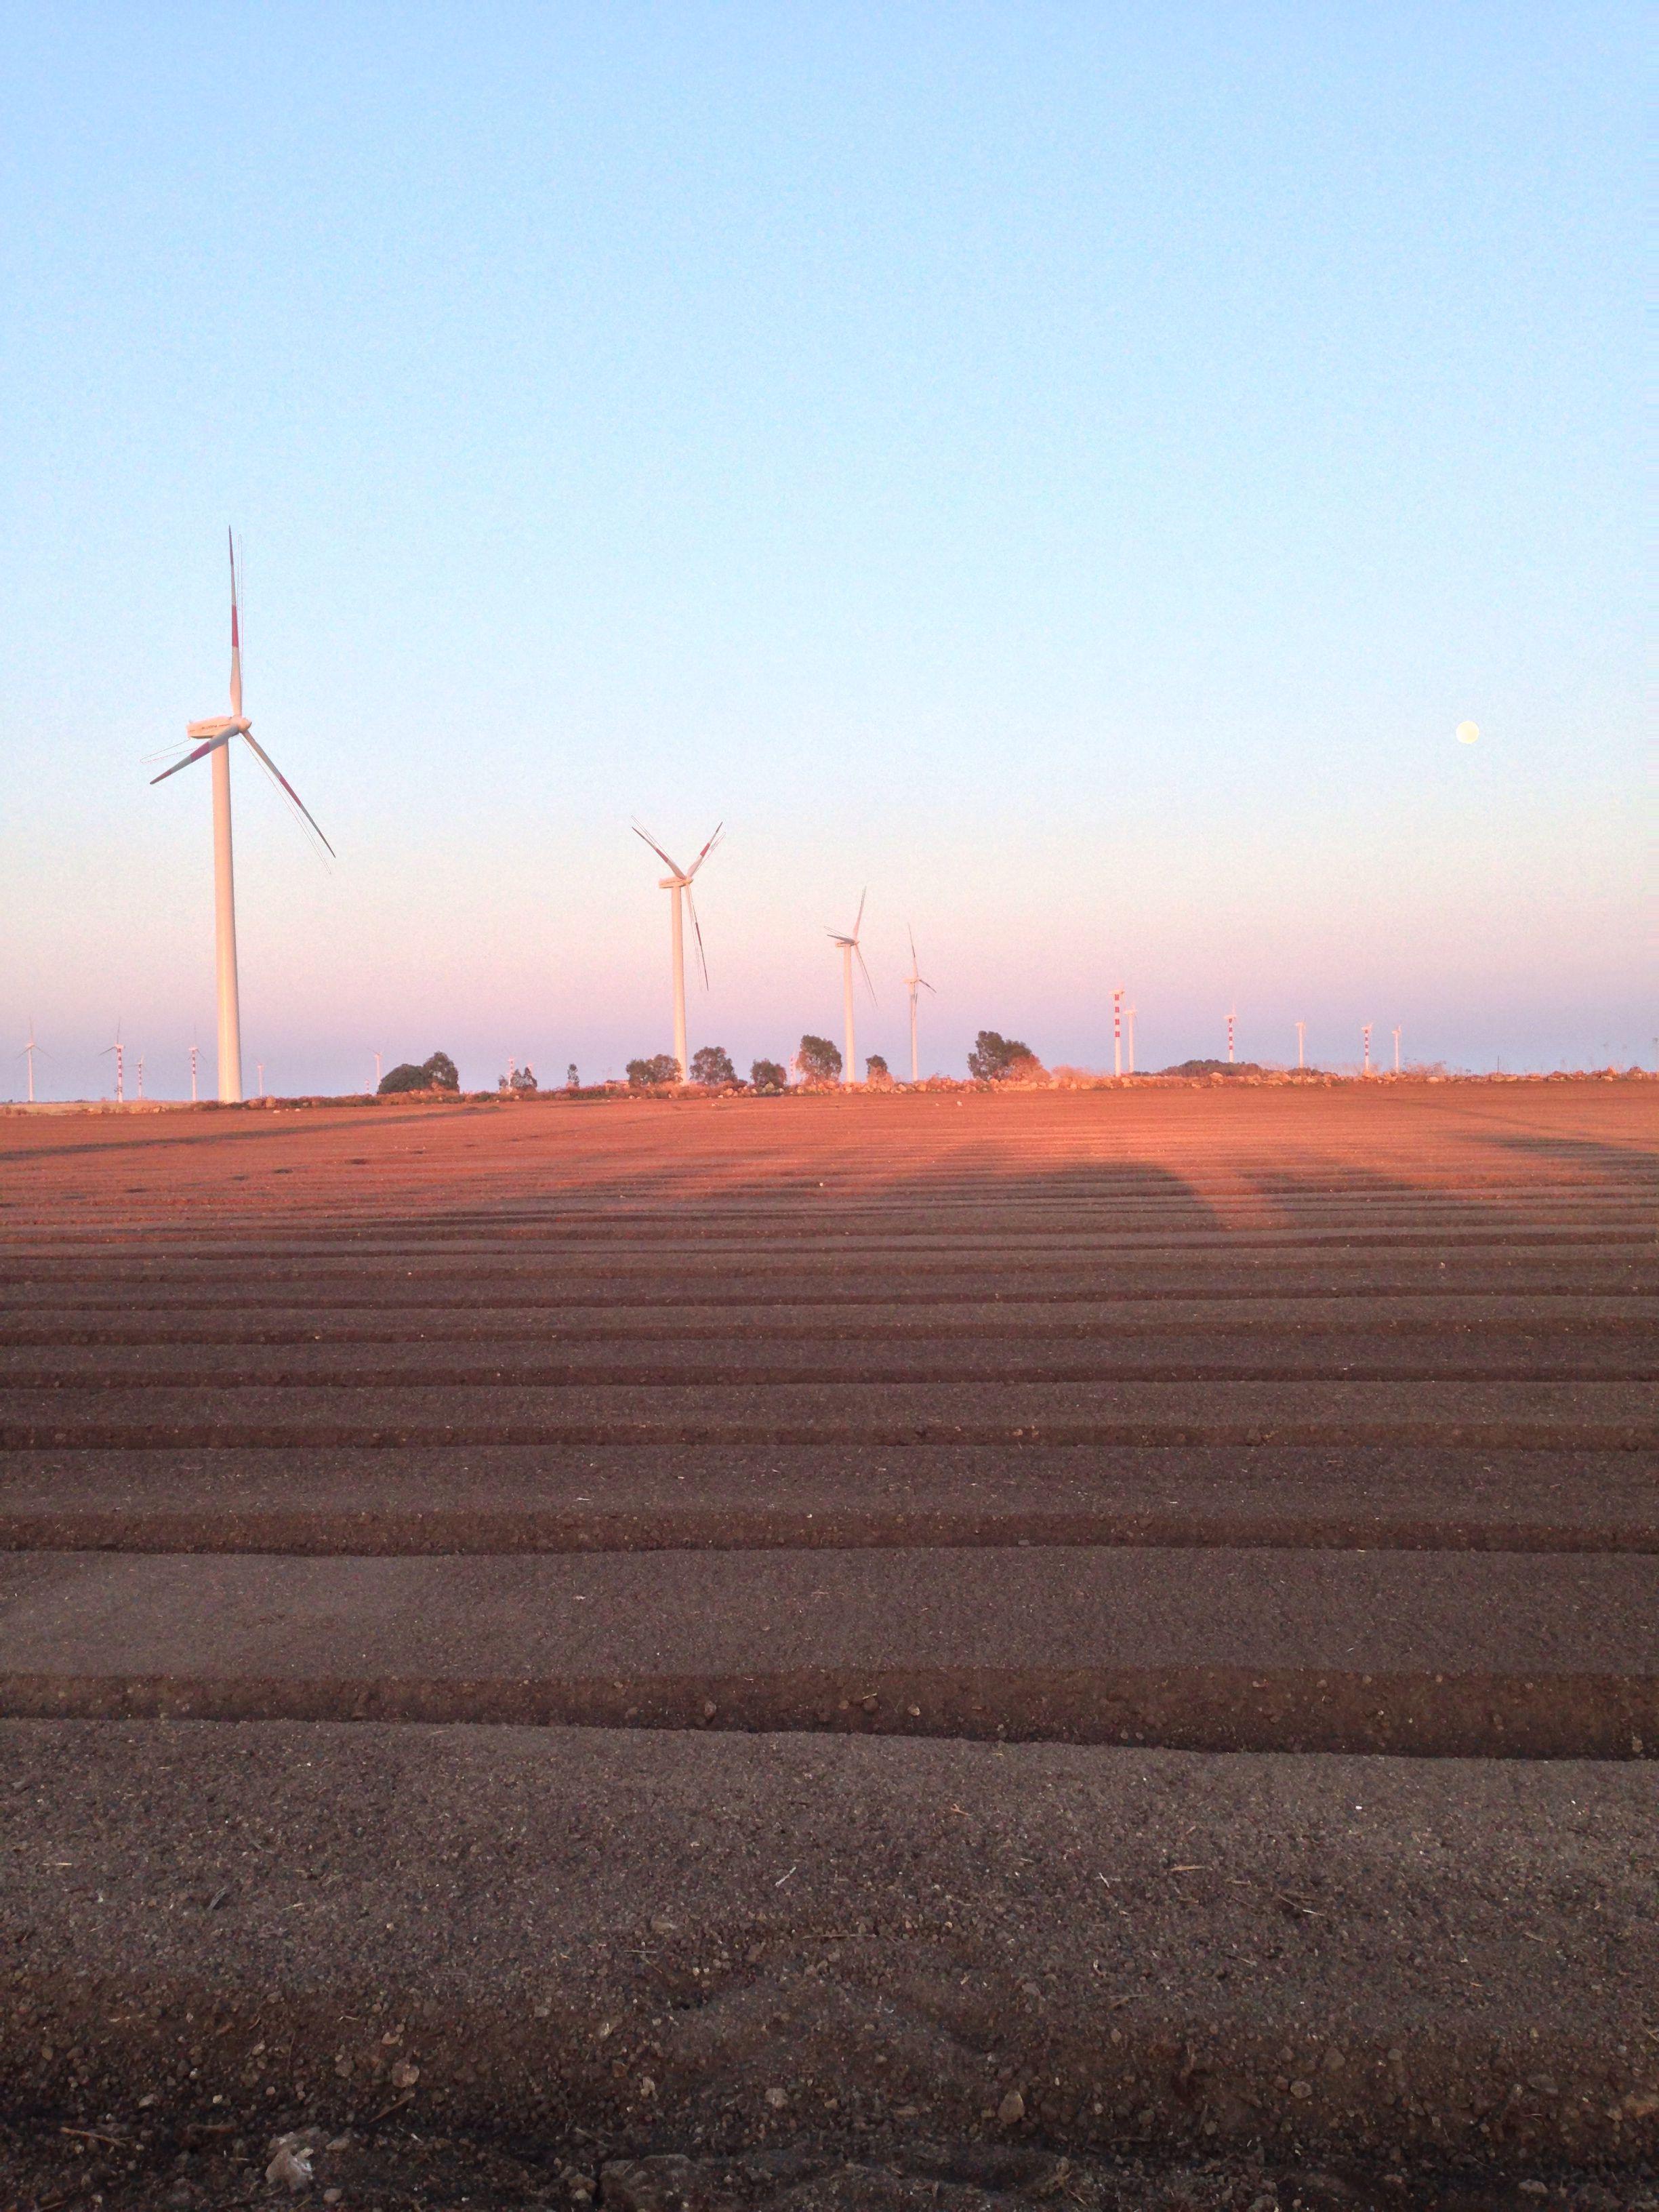 Paesaggio con pale eoliche. Cartoline fuori dal comune da